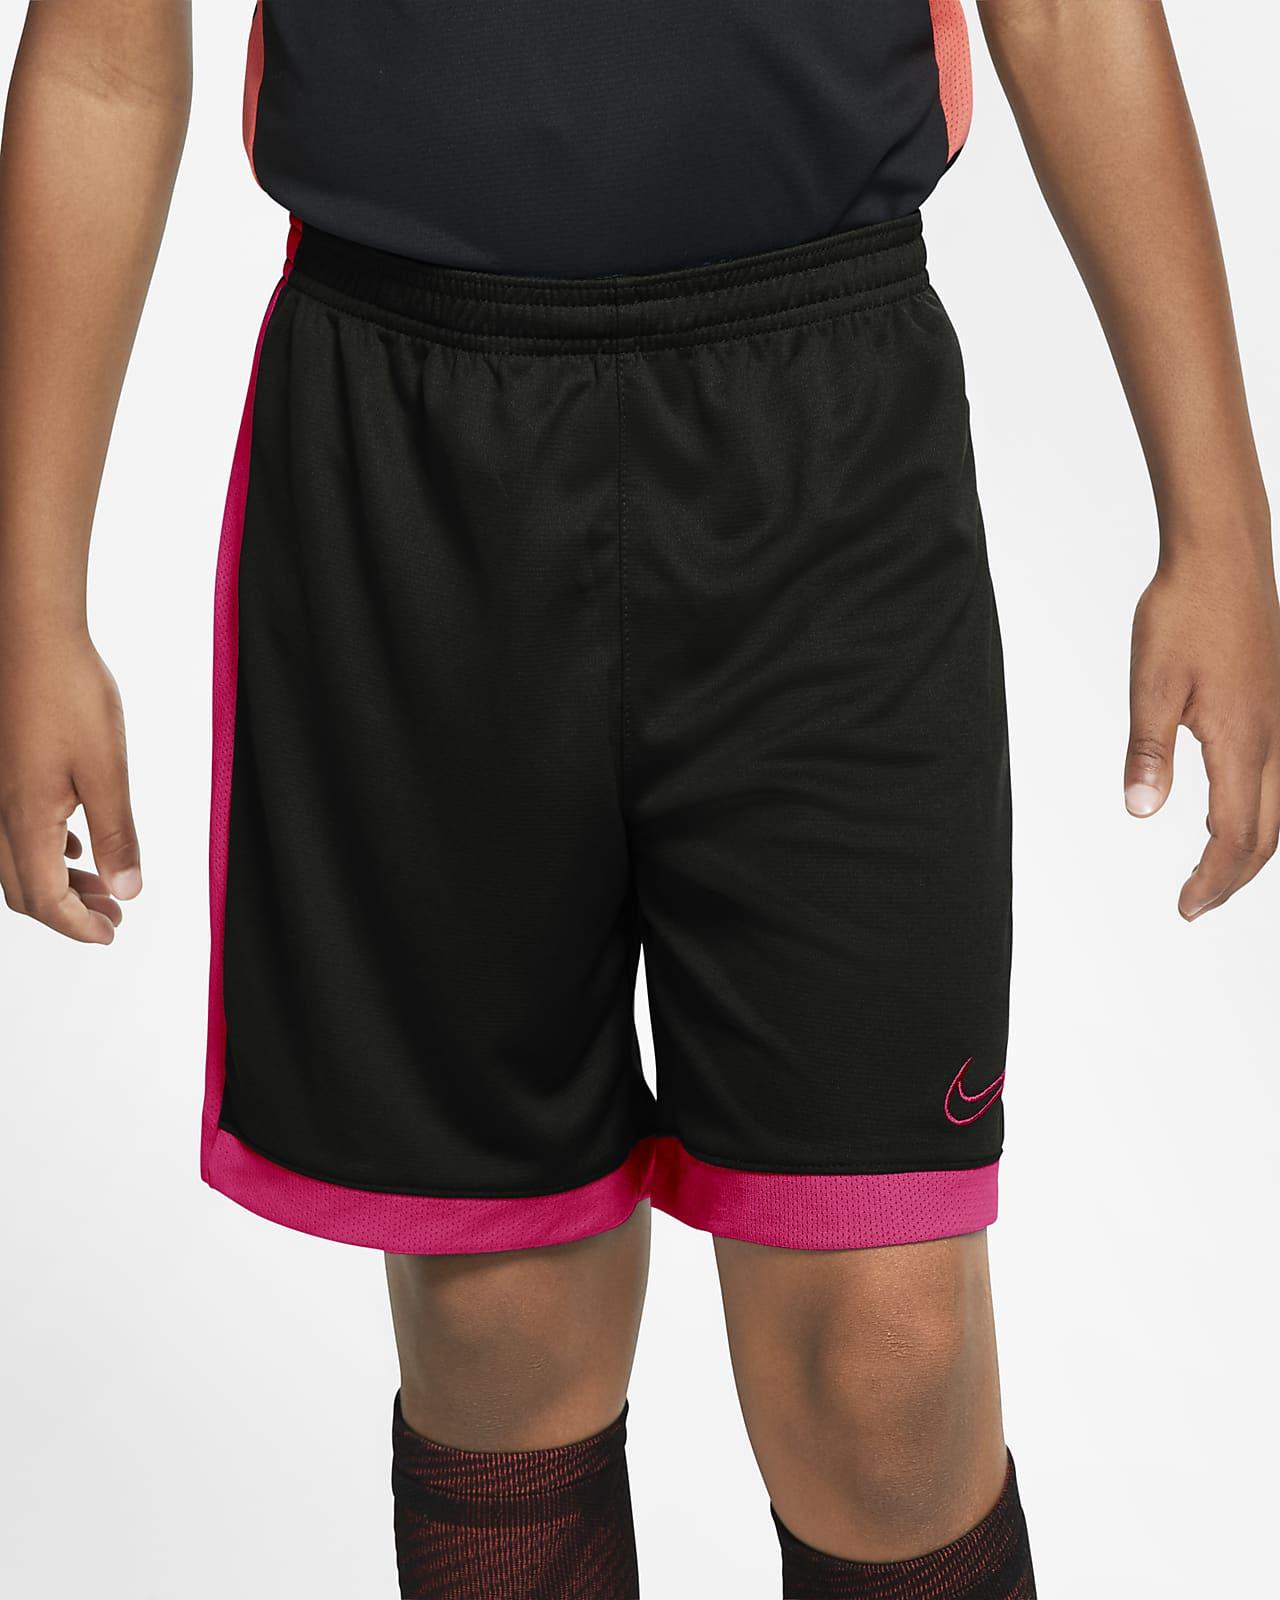 กางเกงฟุตบอลขาสั้นเด็กโต Nike Dri-FIT Academy